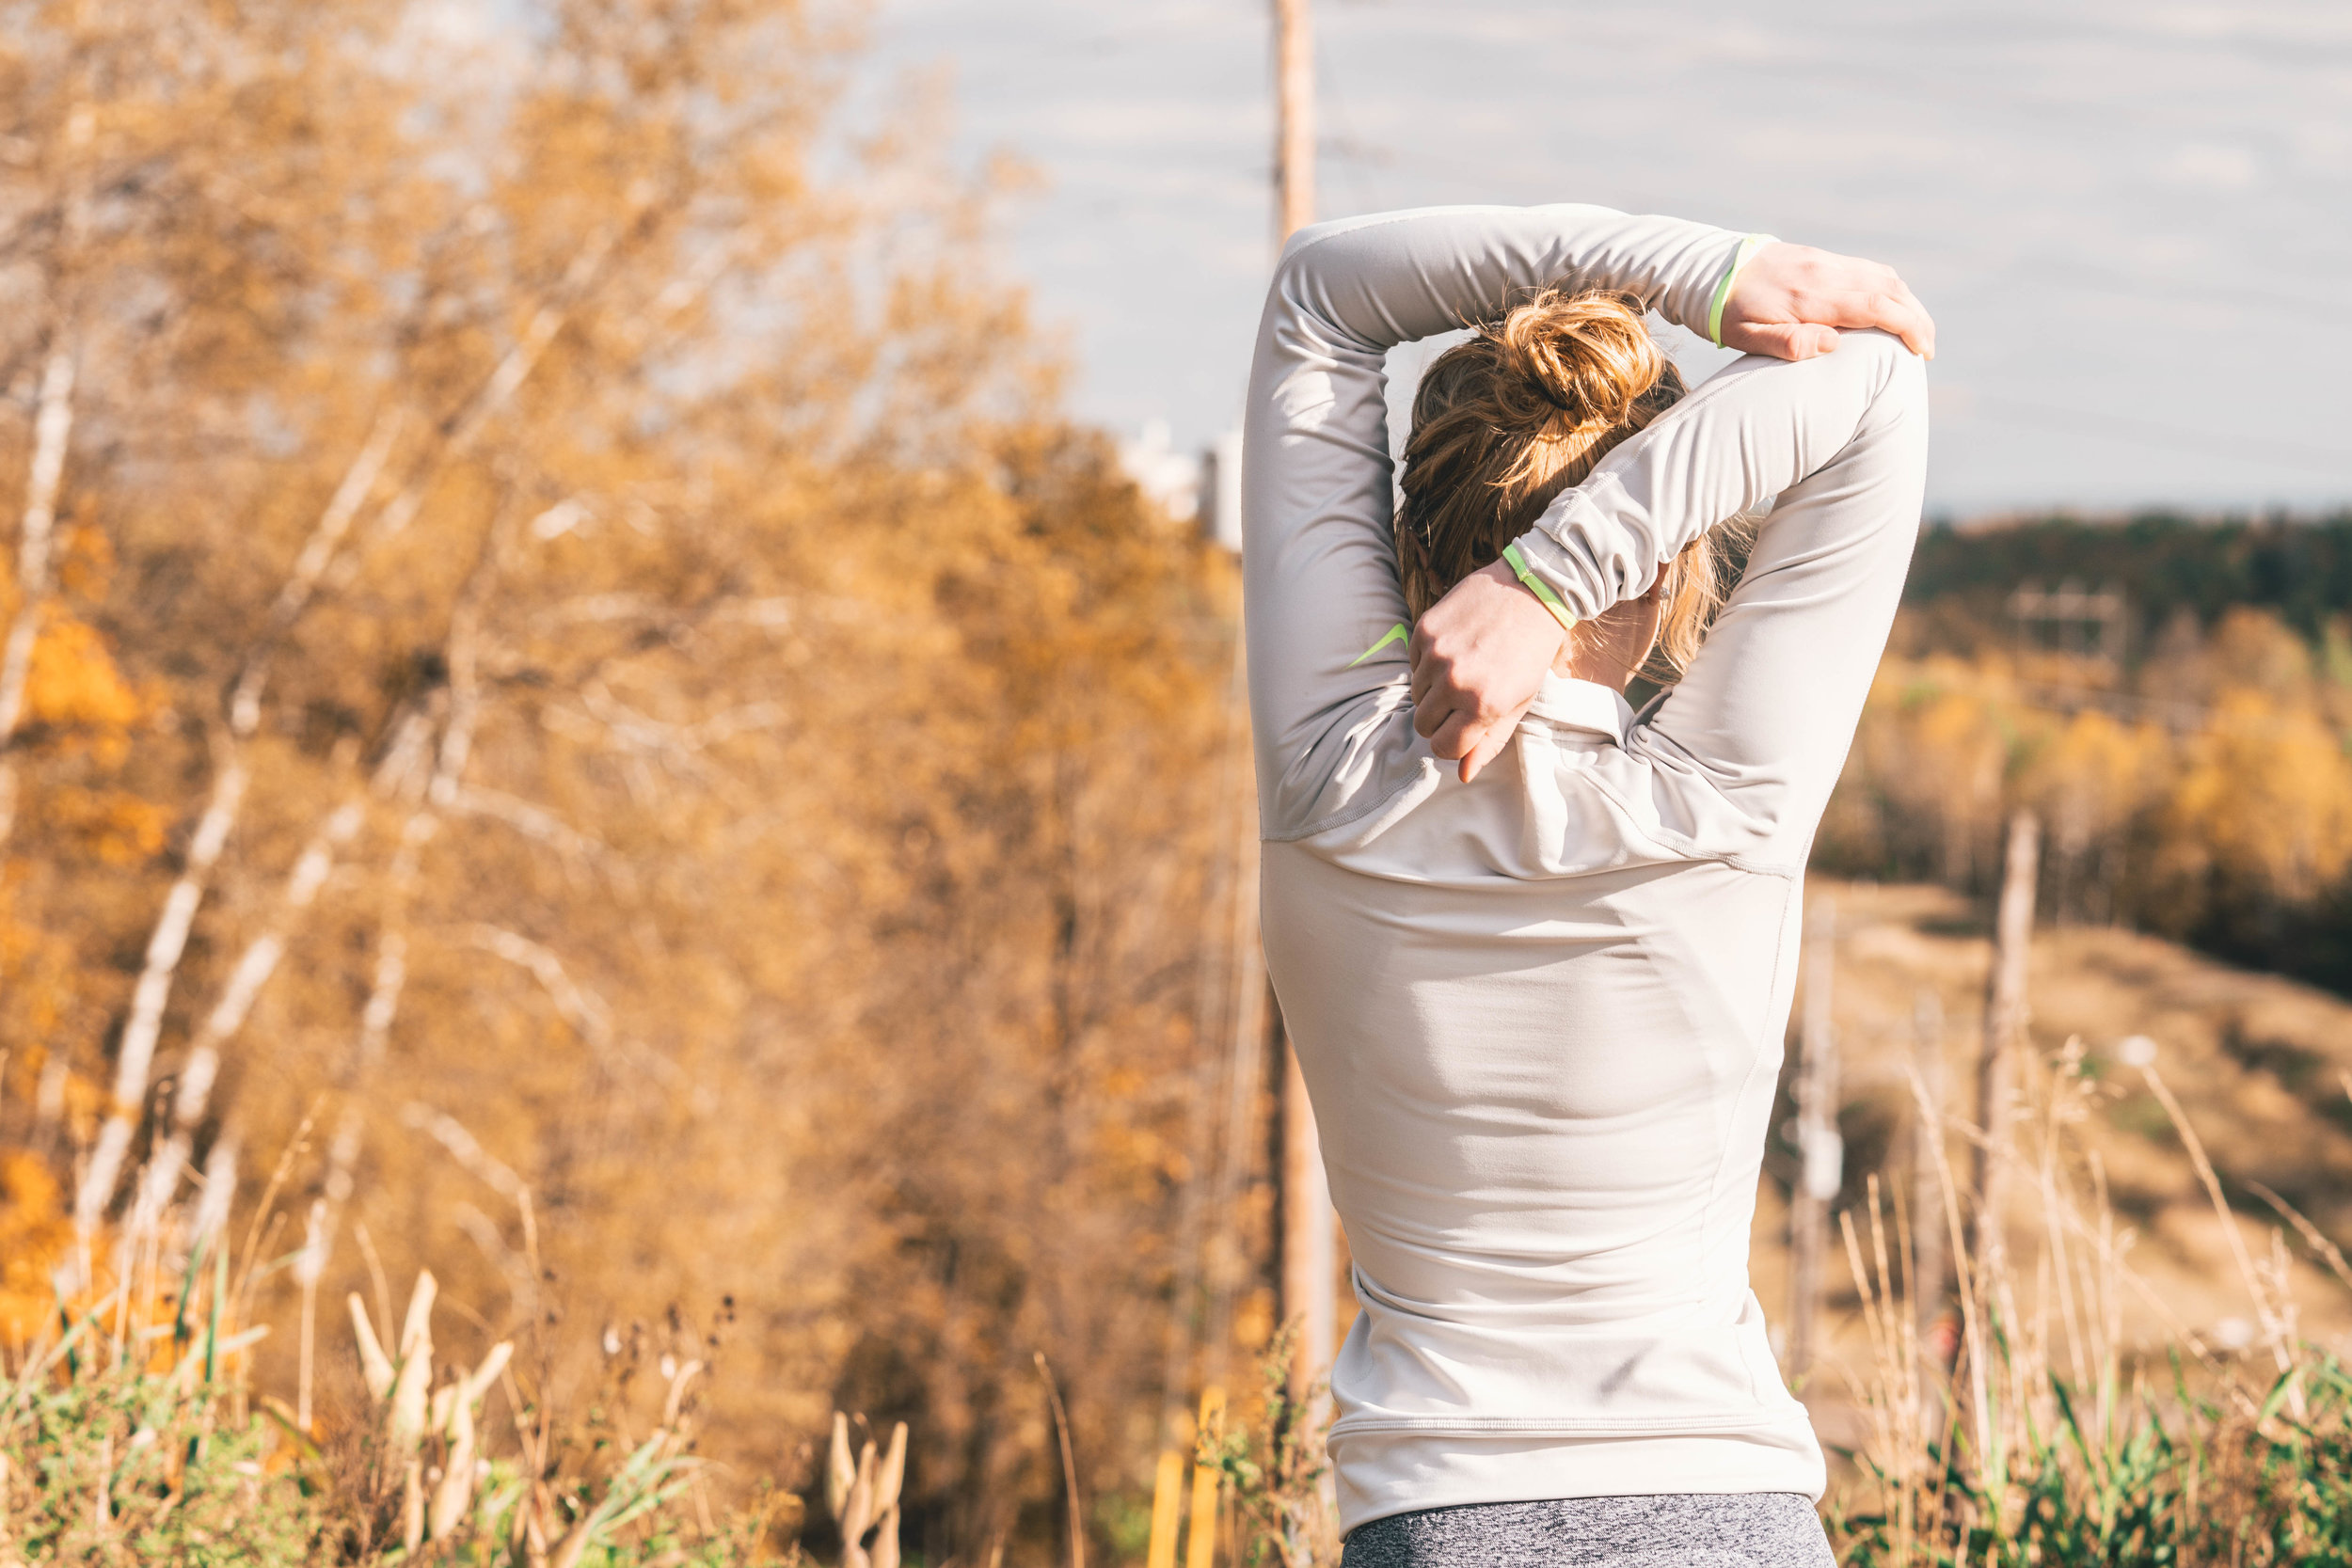 - BursitisDisc herniationFrozen shoulderHeadacheLower back painMigraineMultiple SclerosisNeck & back painPost-trauma maintenanceSciaticaSprainsTennis elbow